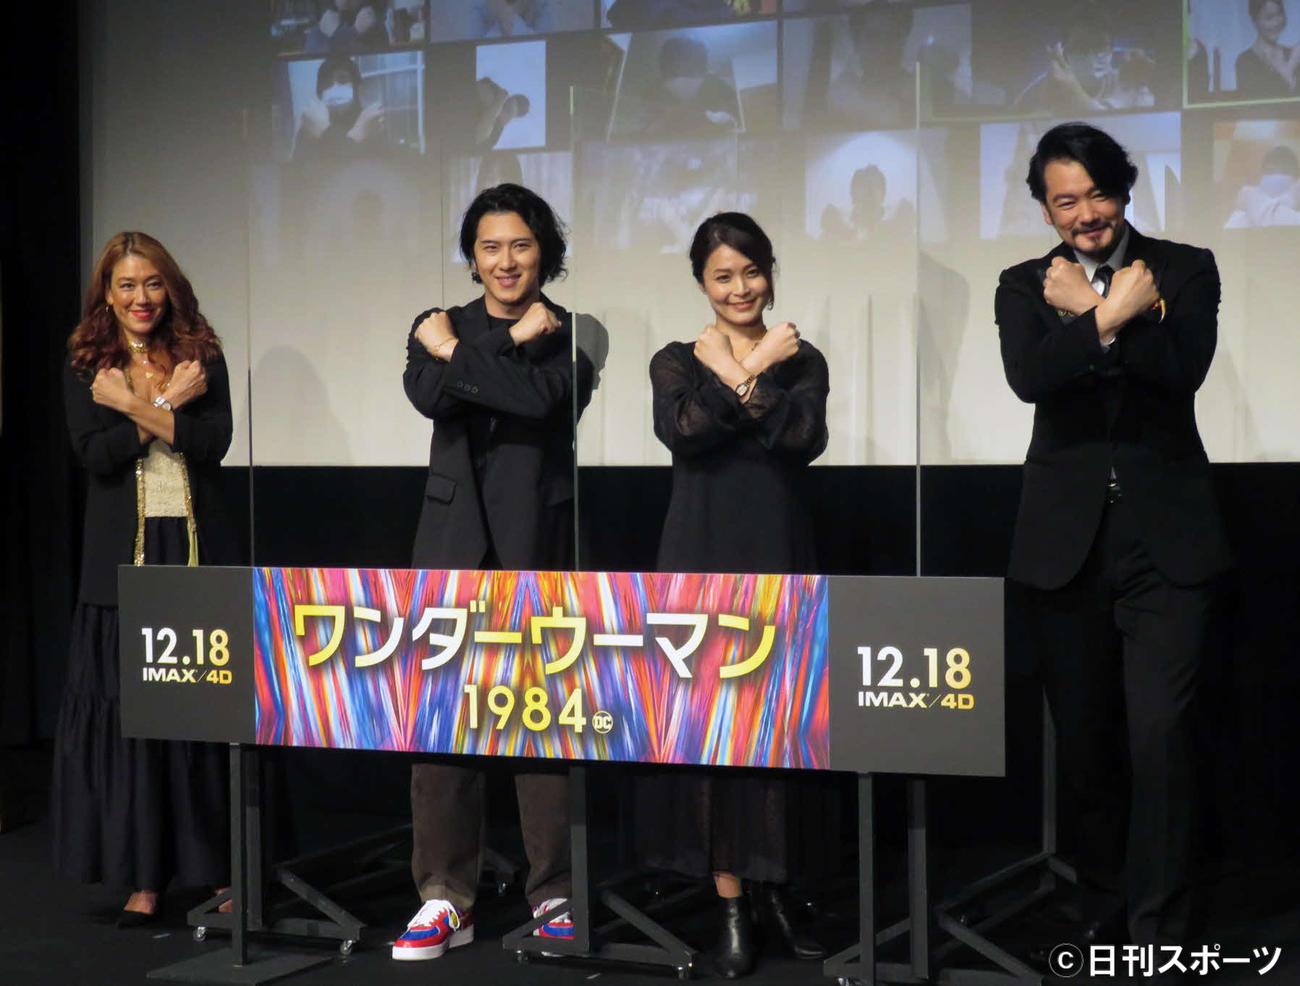 映画「ワンダーウーマン 1984」のファンイベントに出席した左からLiLiCo、尾上松也、甲斐田裕子、小田井涼平